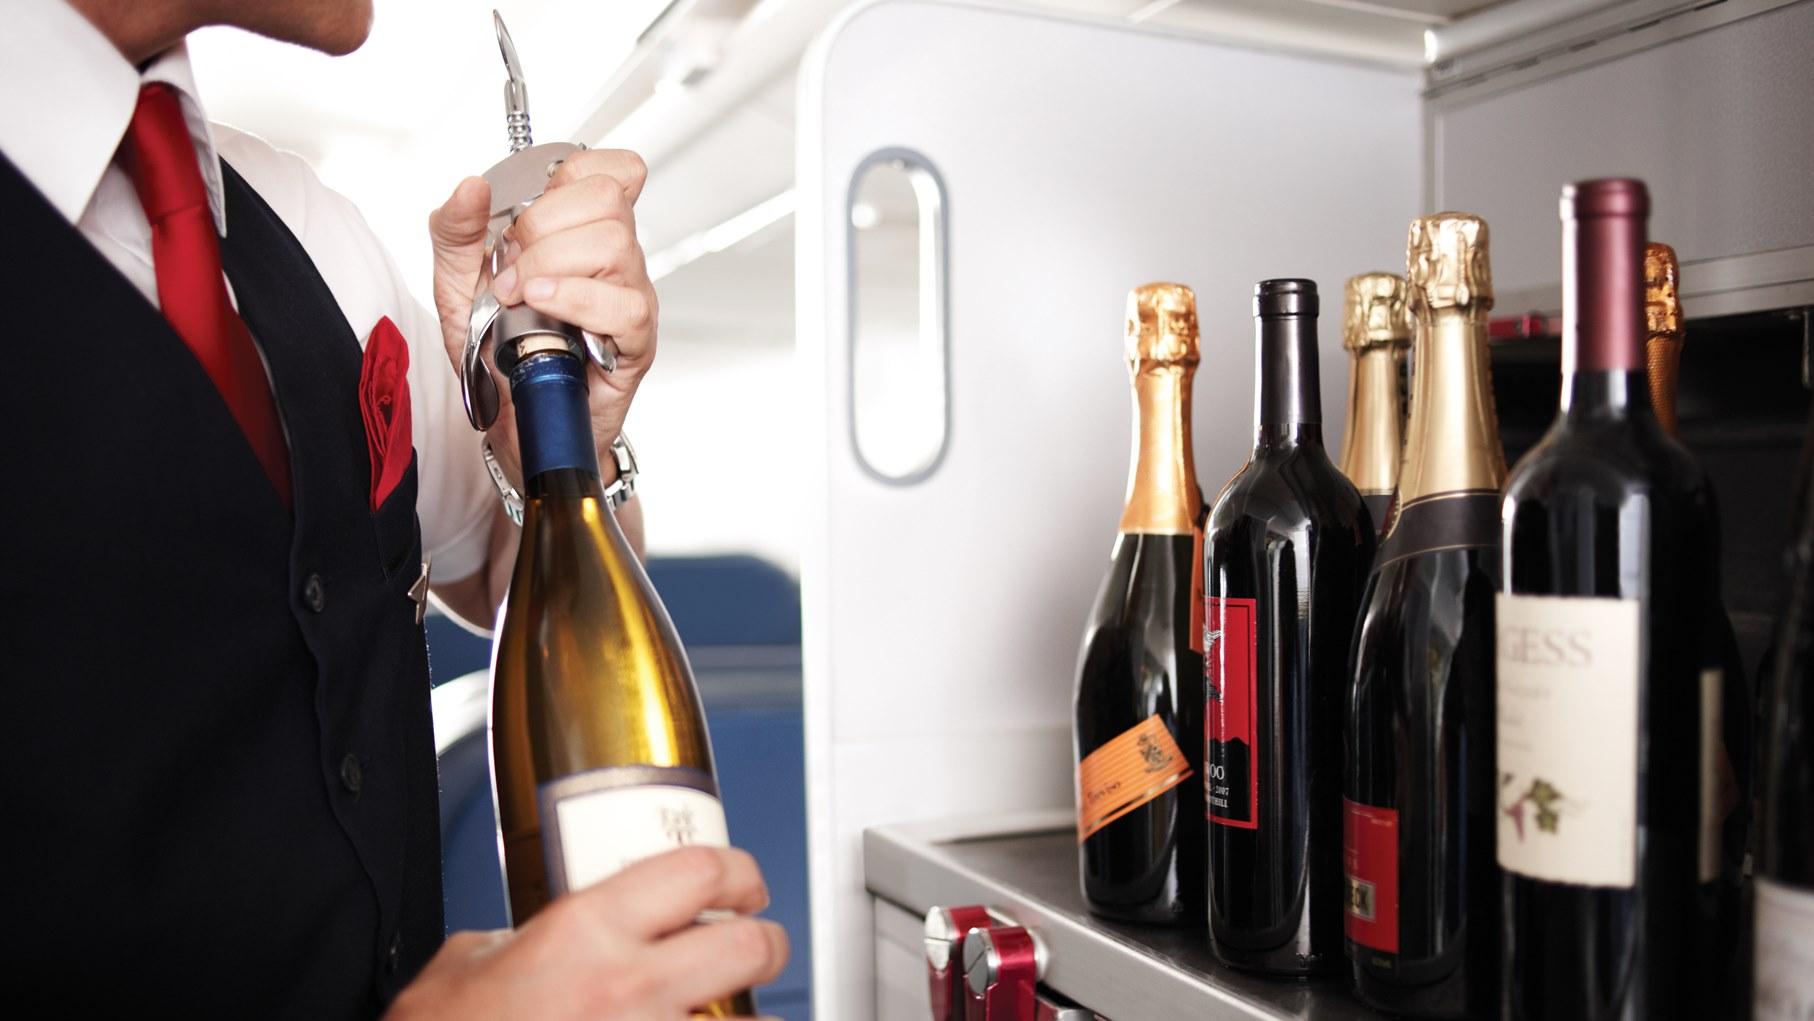 De flessen wijn hielpen echter niet en de man bleef zich verzetten.